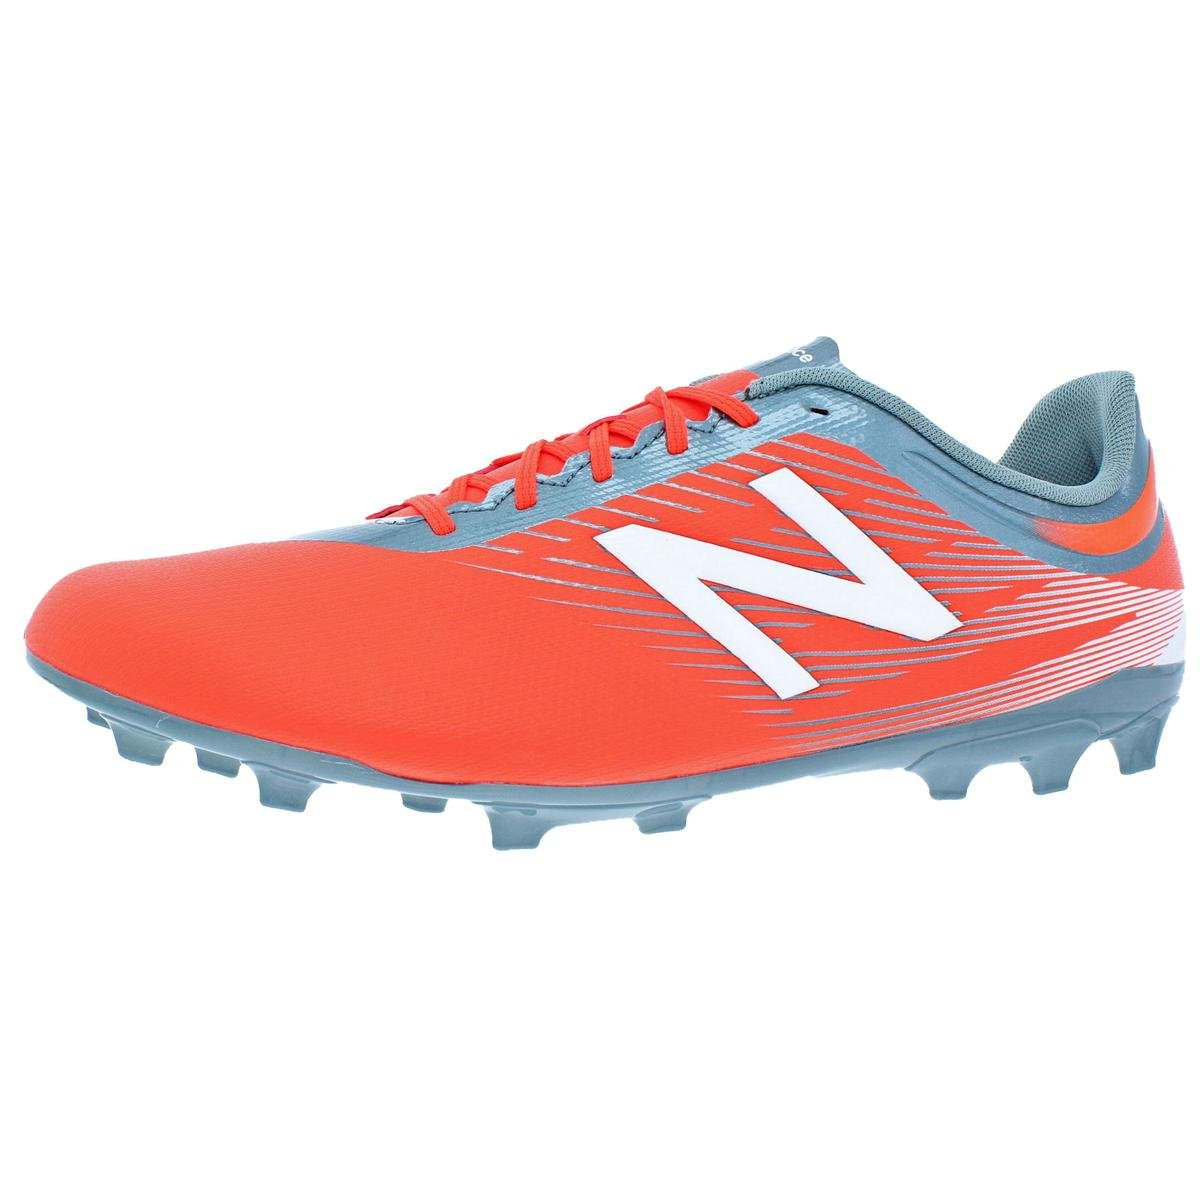 New Balance Furon 2.0 Dispatch AG, Bota de fútbol, Alpha naranja-gris Alpha naranja-gris